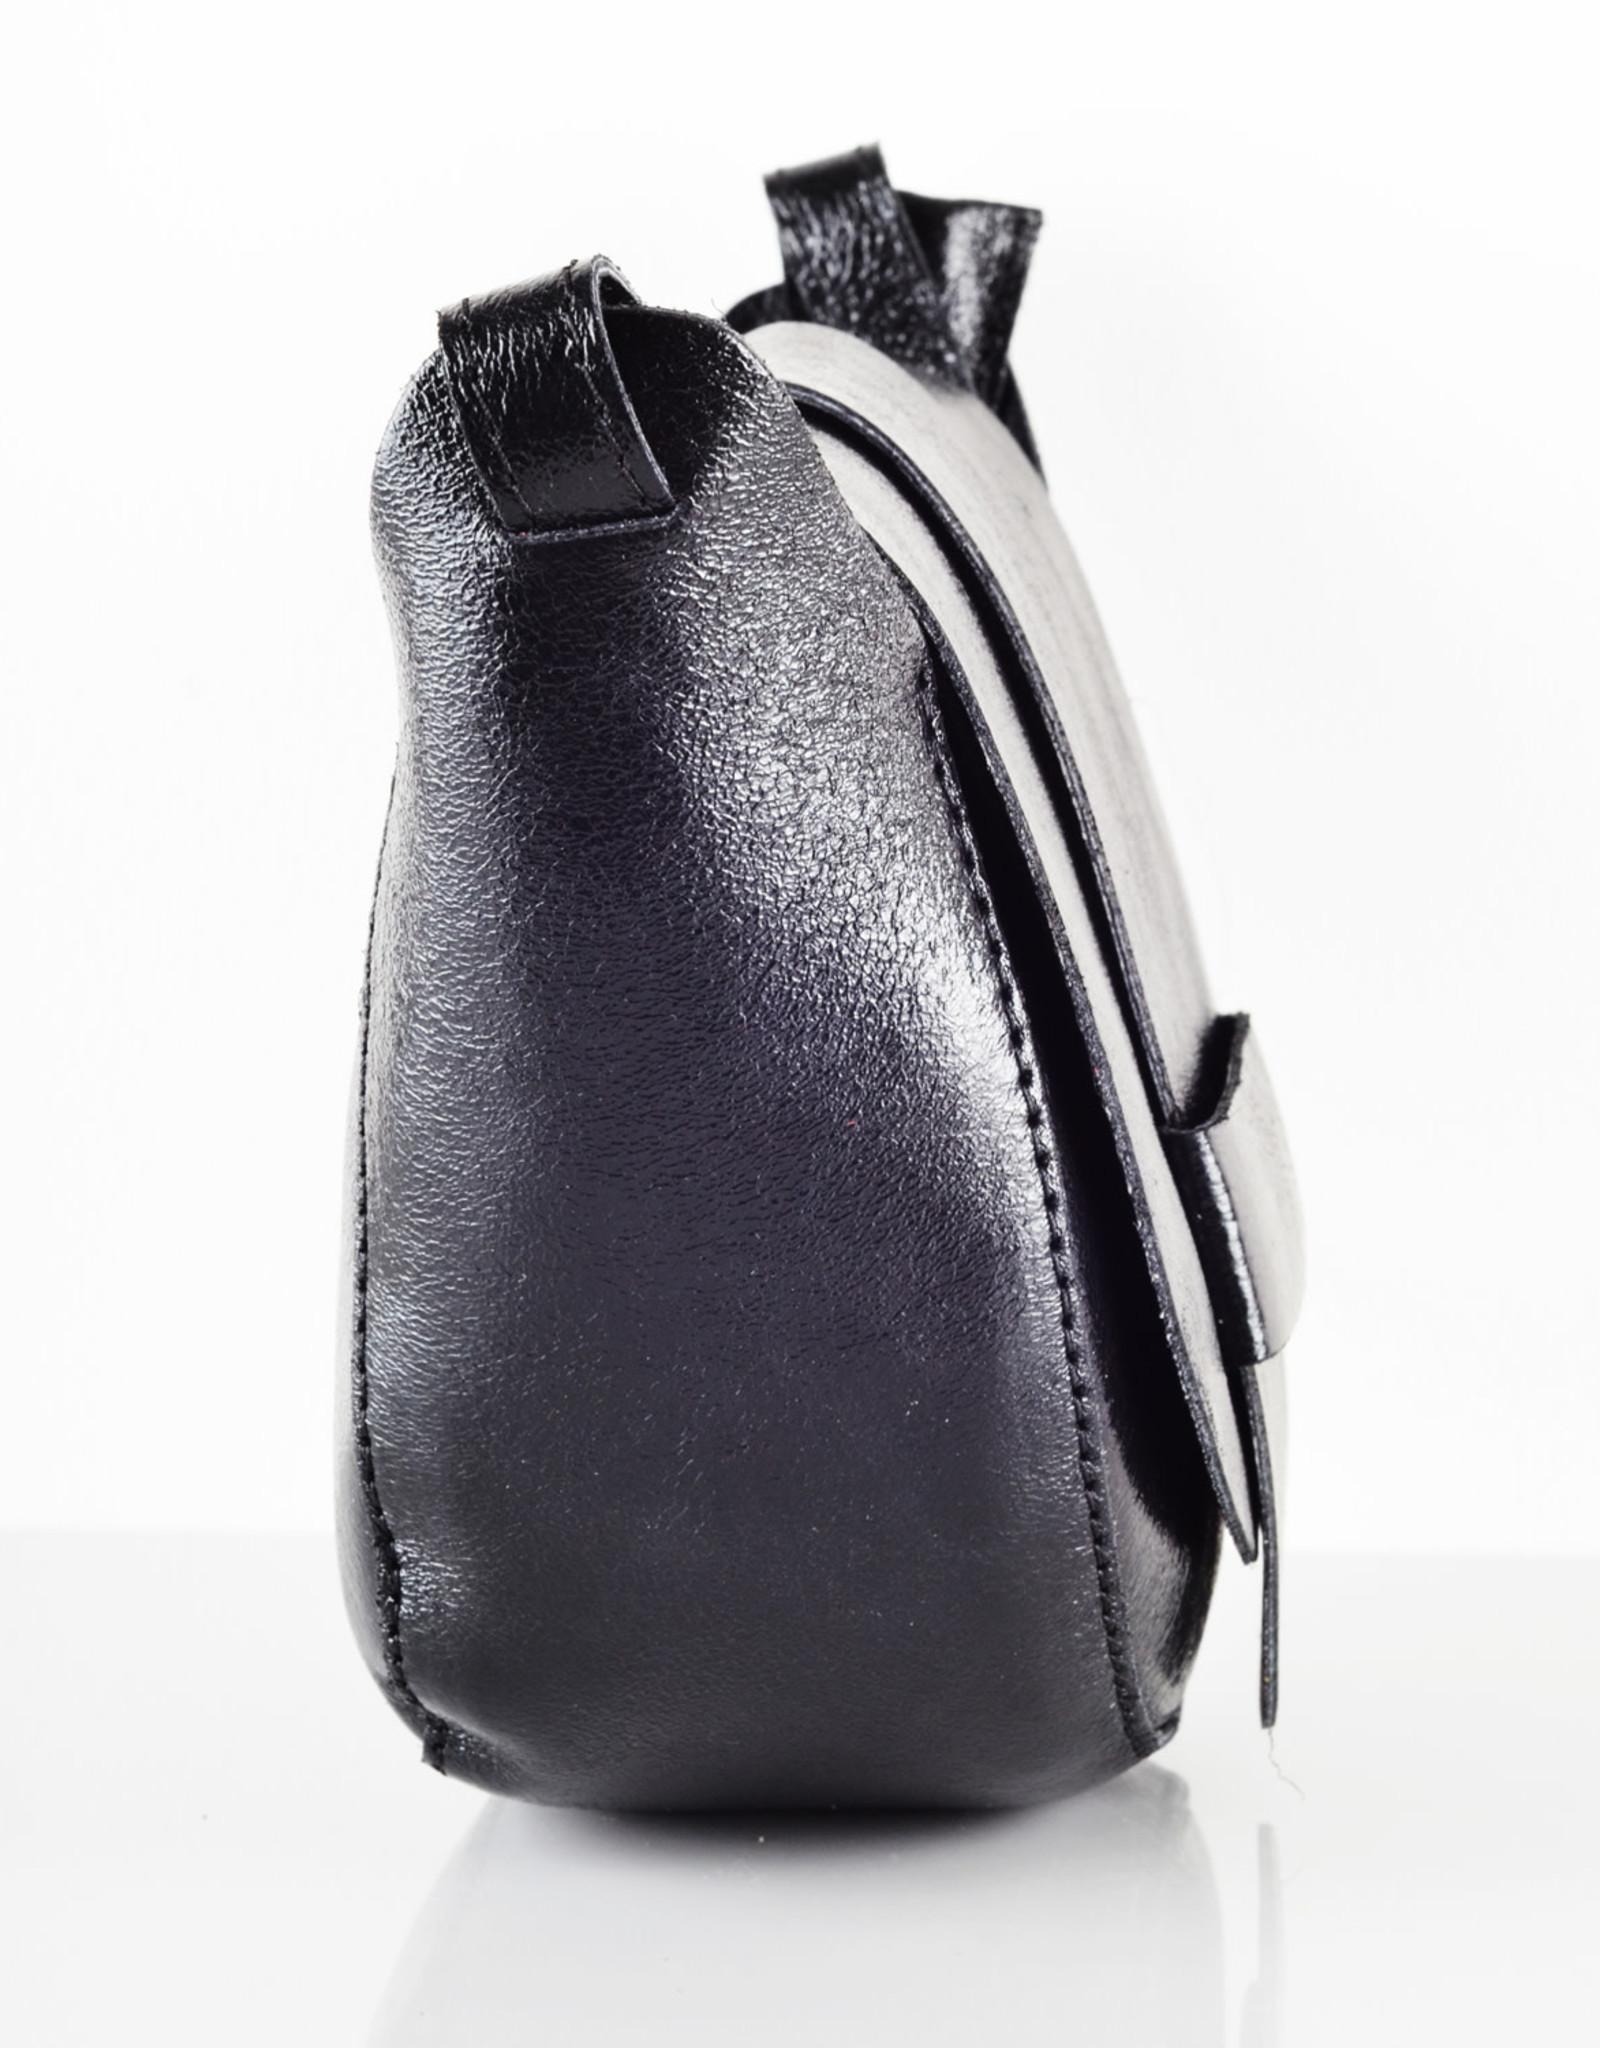 Compact redondo bag black sparkle